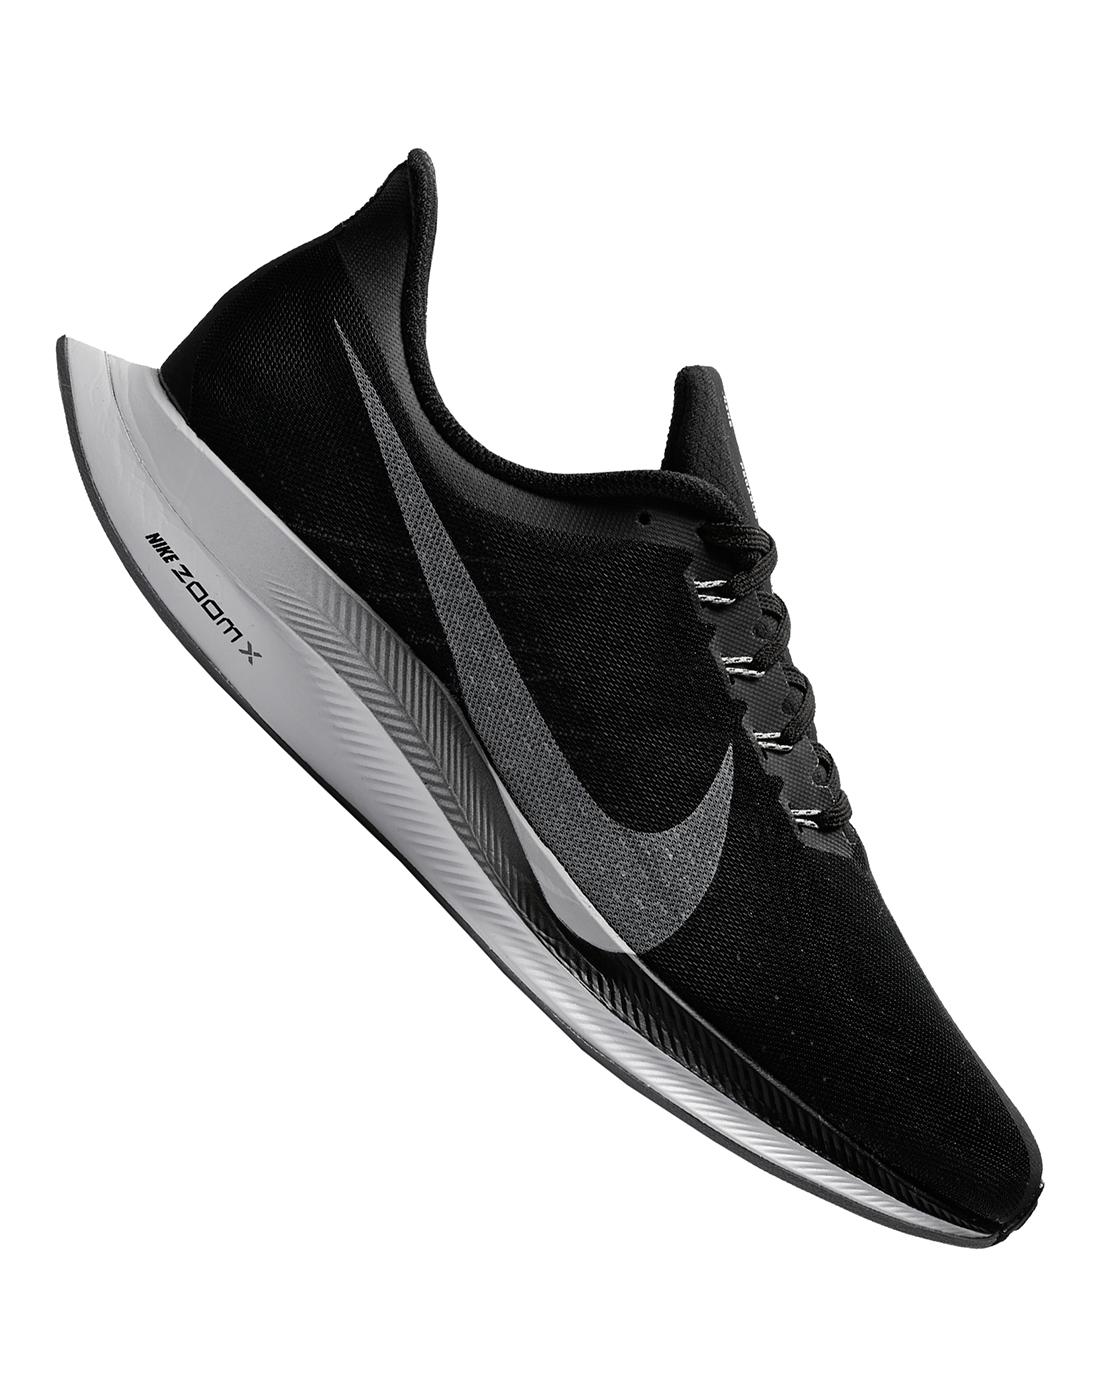 1f60bd3c721f7 Men s Nike Pegasus 35 Turbo